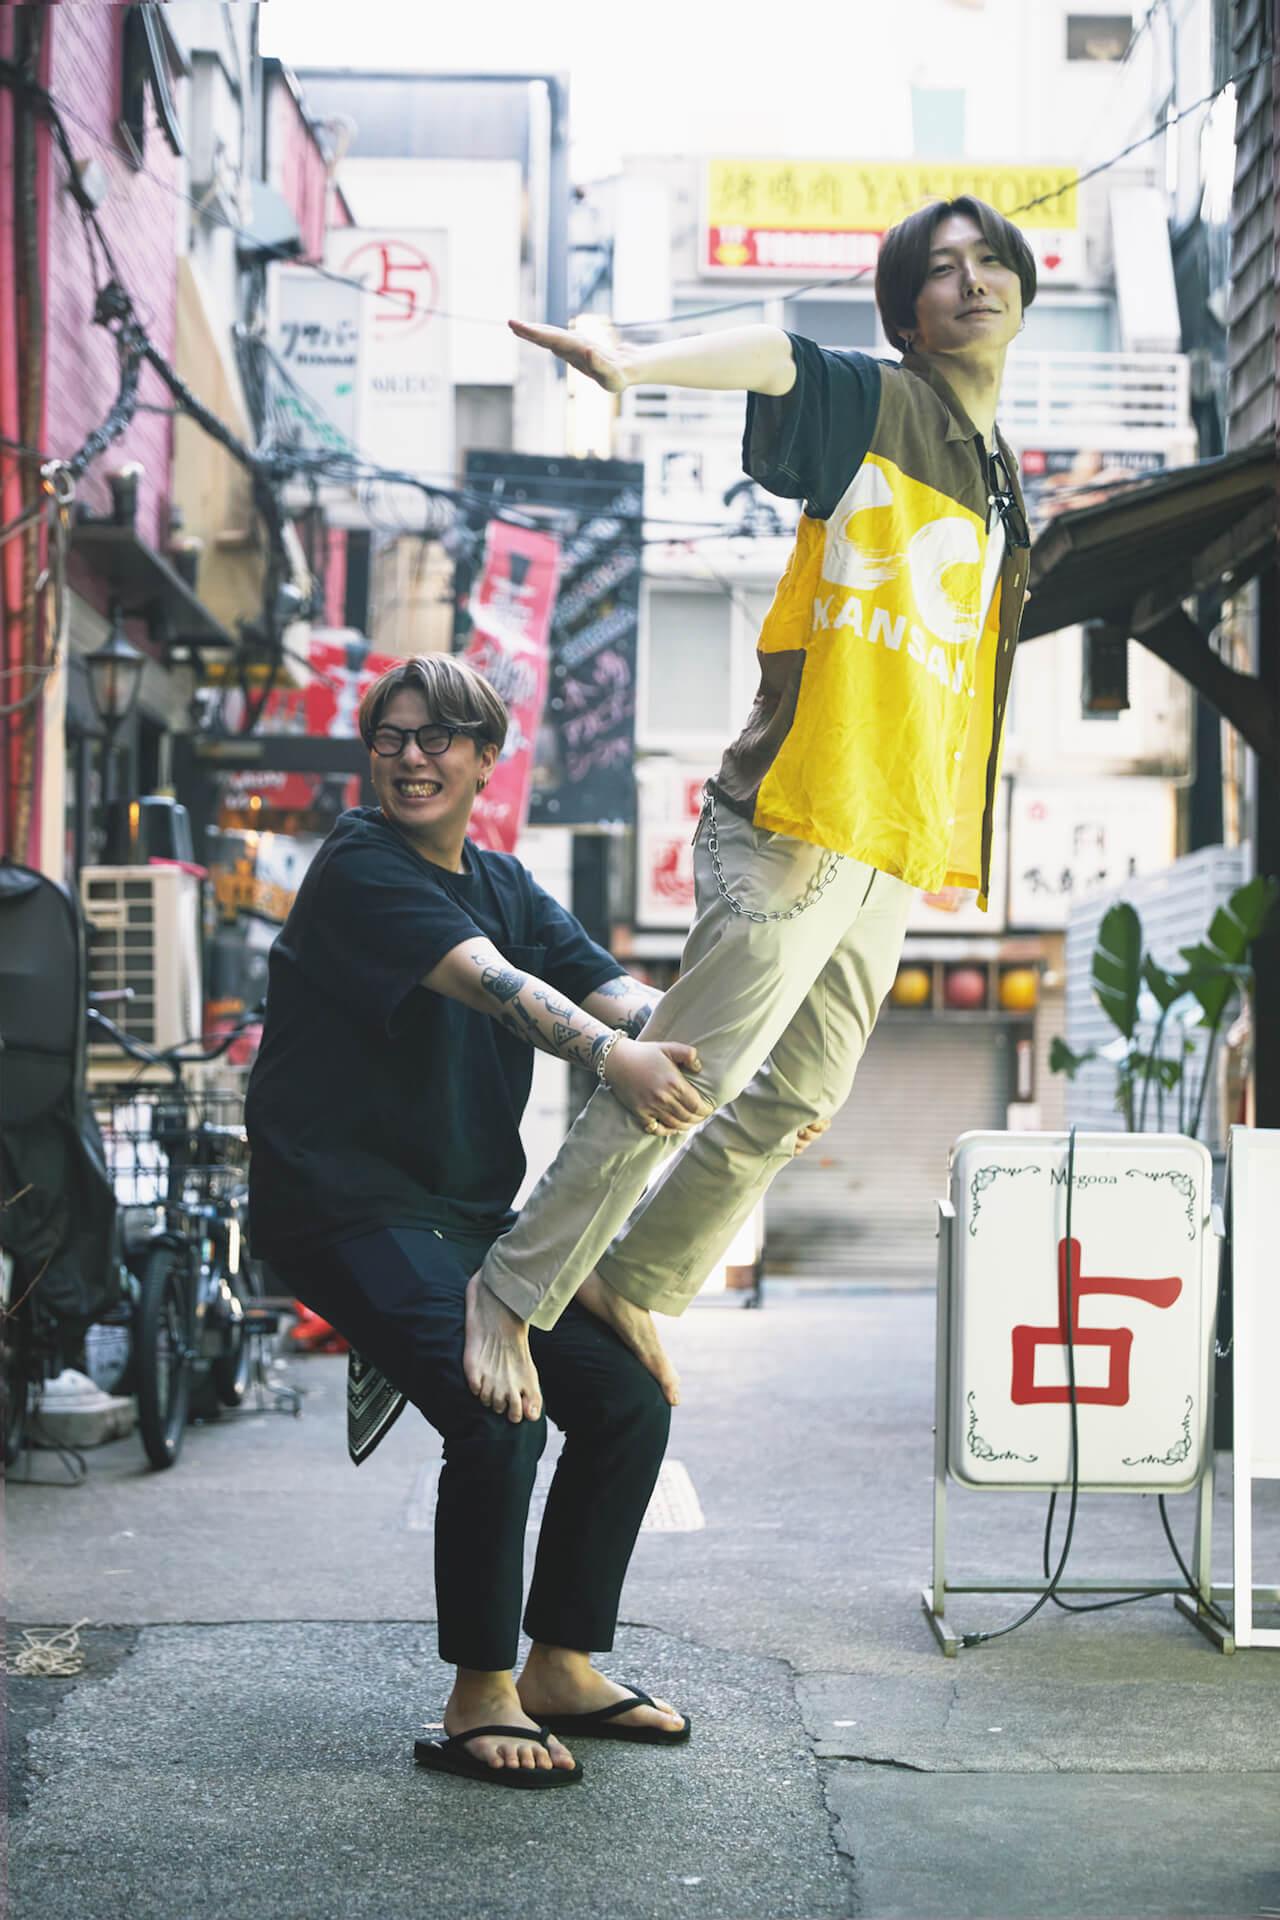 「ホストの輪郭」対談篇〜歌舞伎町、恋愛、いい男になること〜 column210818-aoyamareman-3